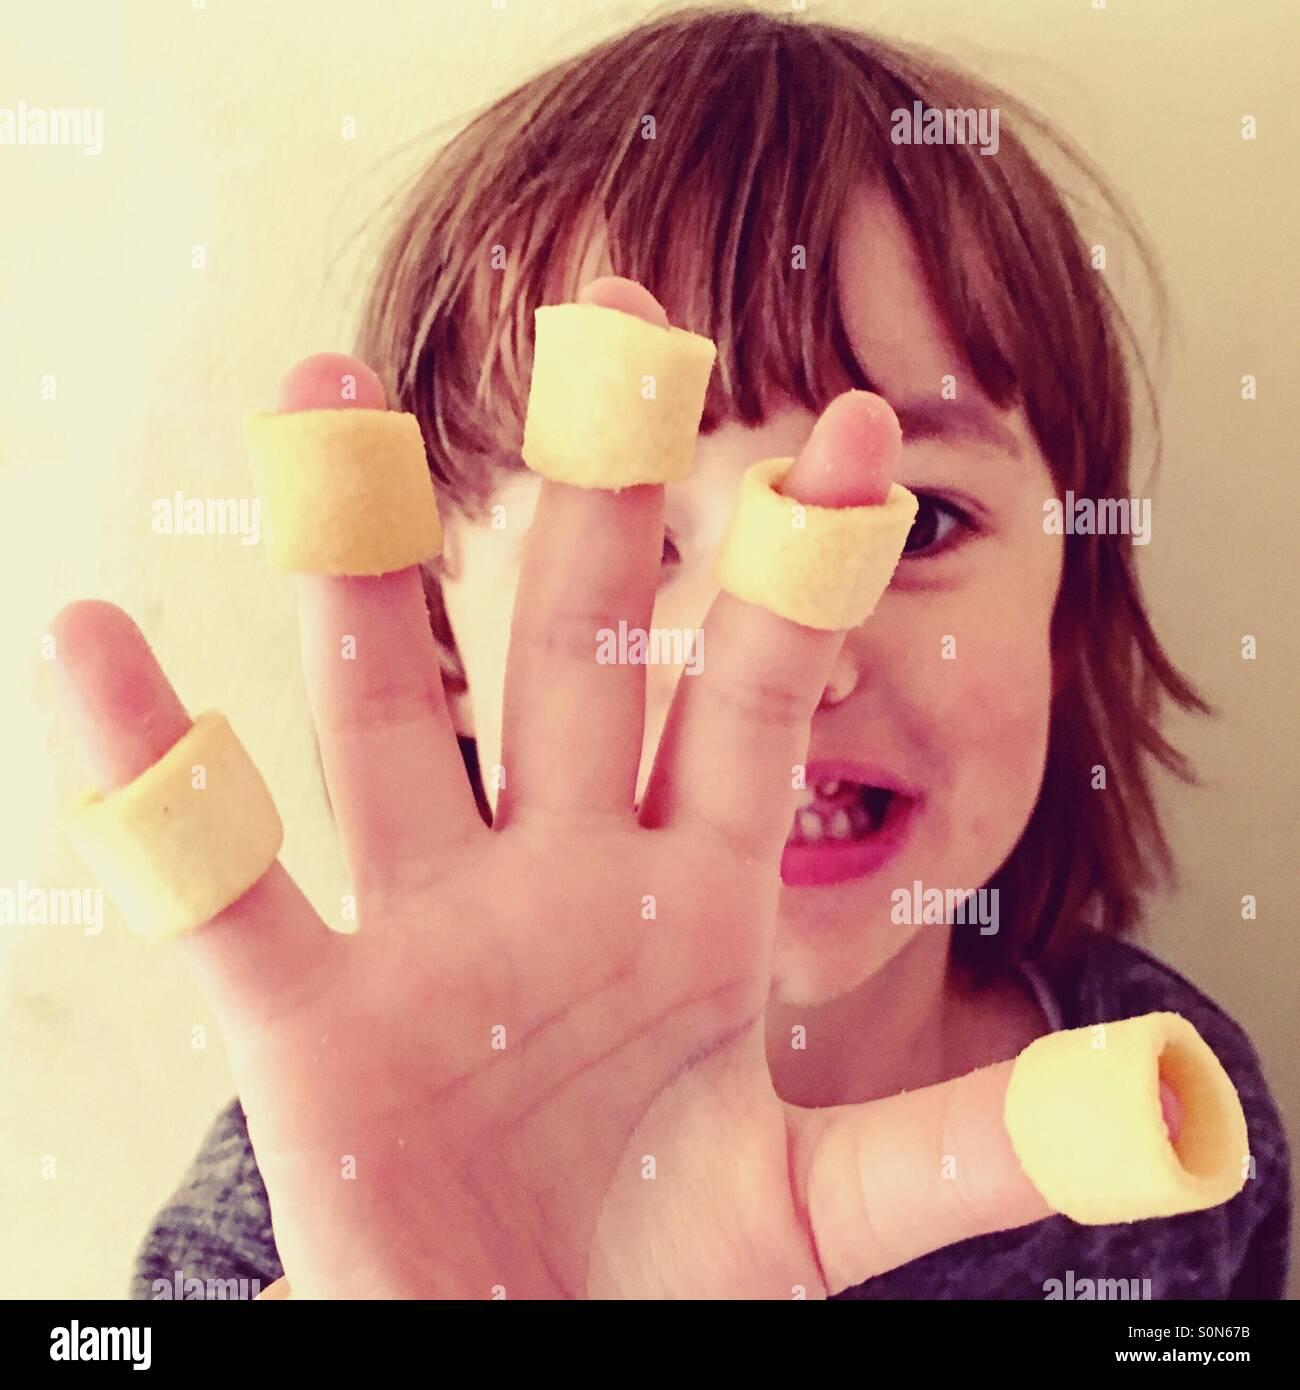 Kleinen 4-jährigen Jungen mit Kartoffelchips an seinen Fingern. Stockfoto